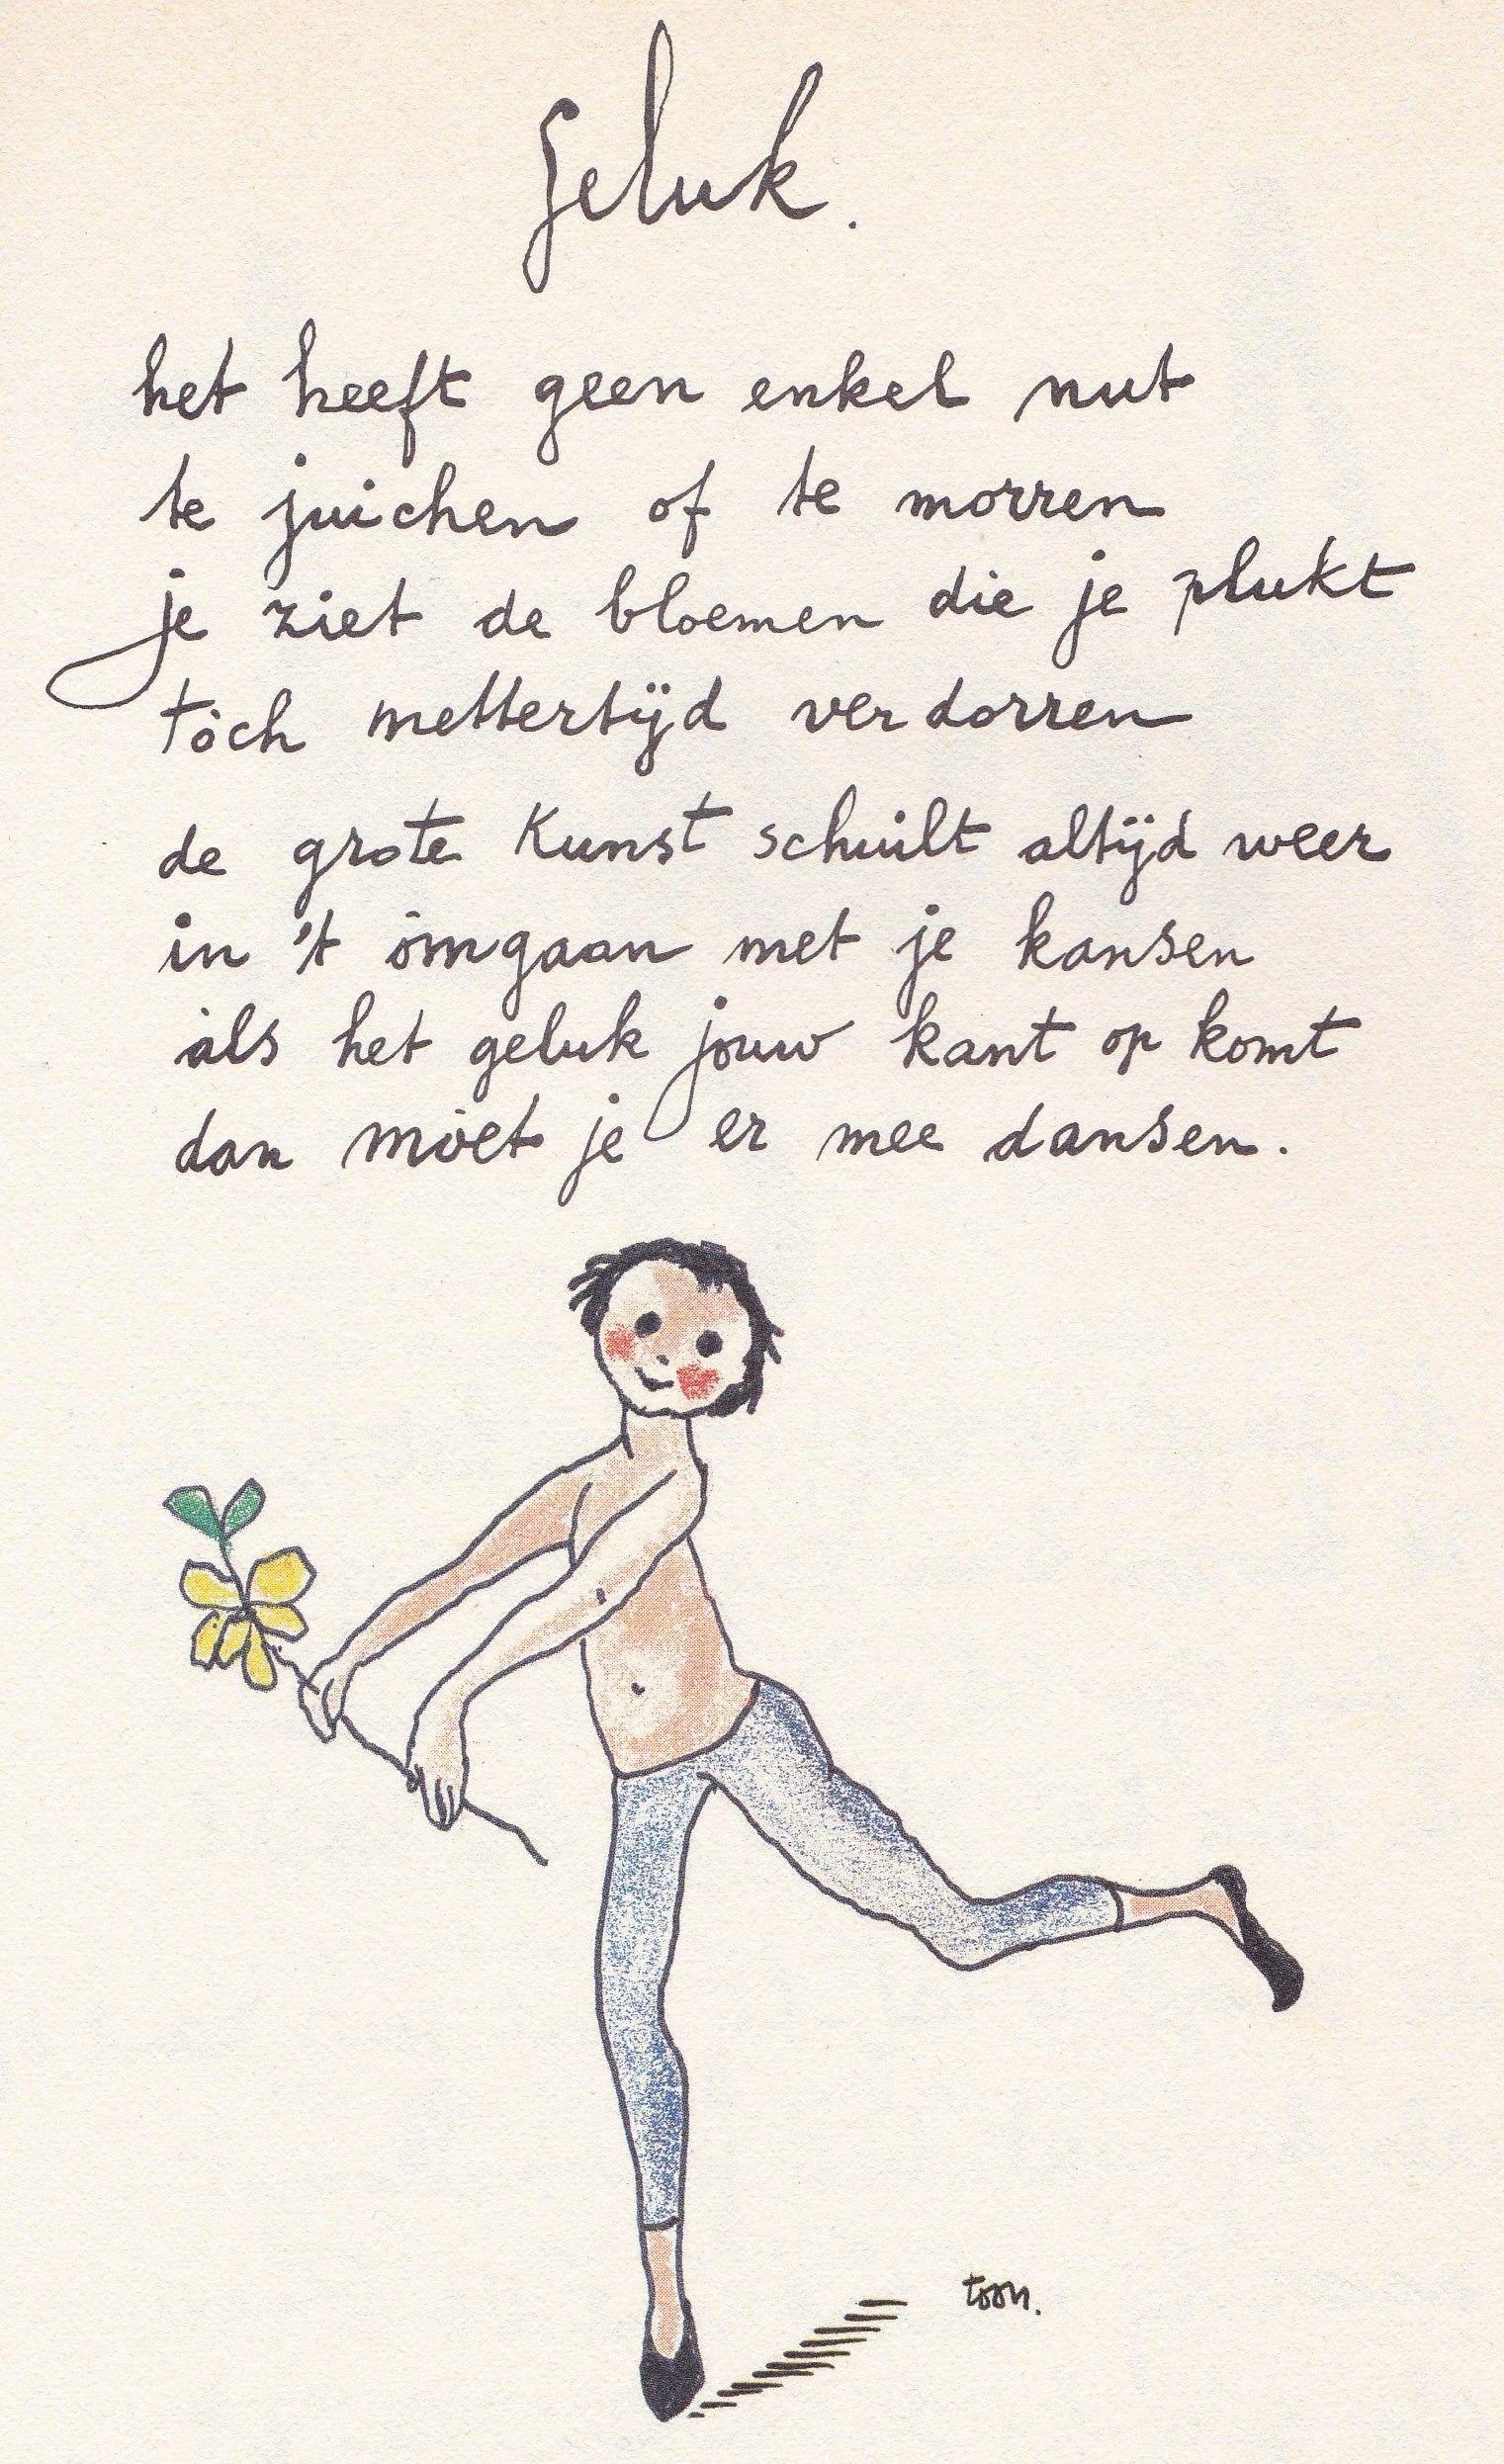 korte spreuken over geluk geluk door Toon Hermans | Dichter   Quotes, Poems en Inspirational  korte spreuken over geluk